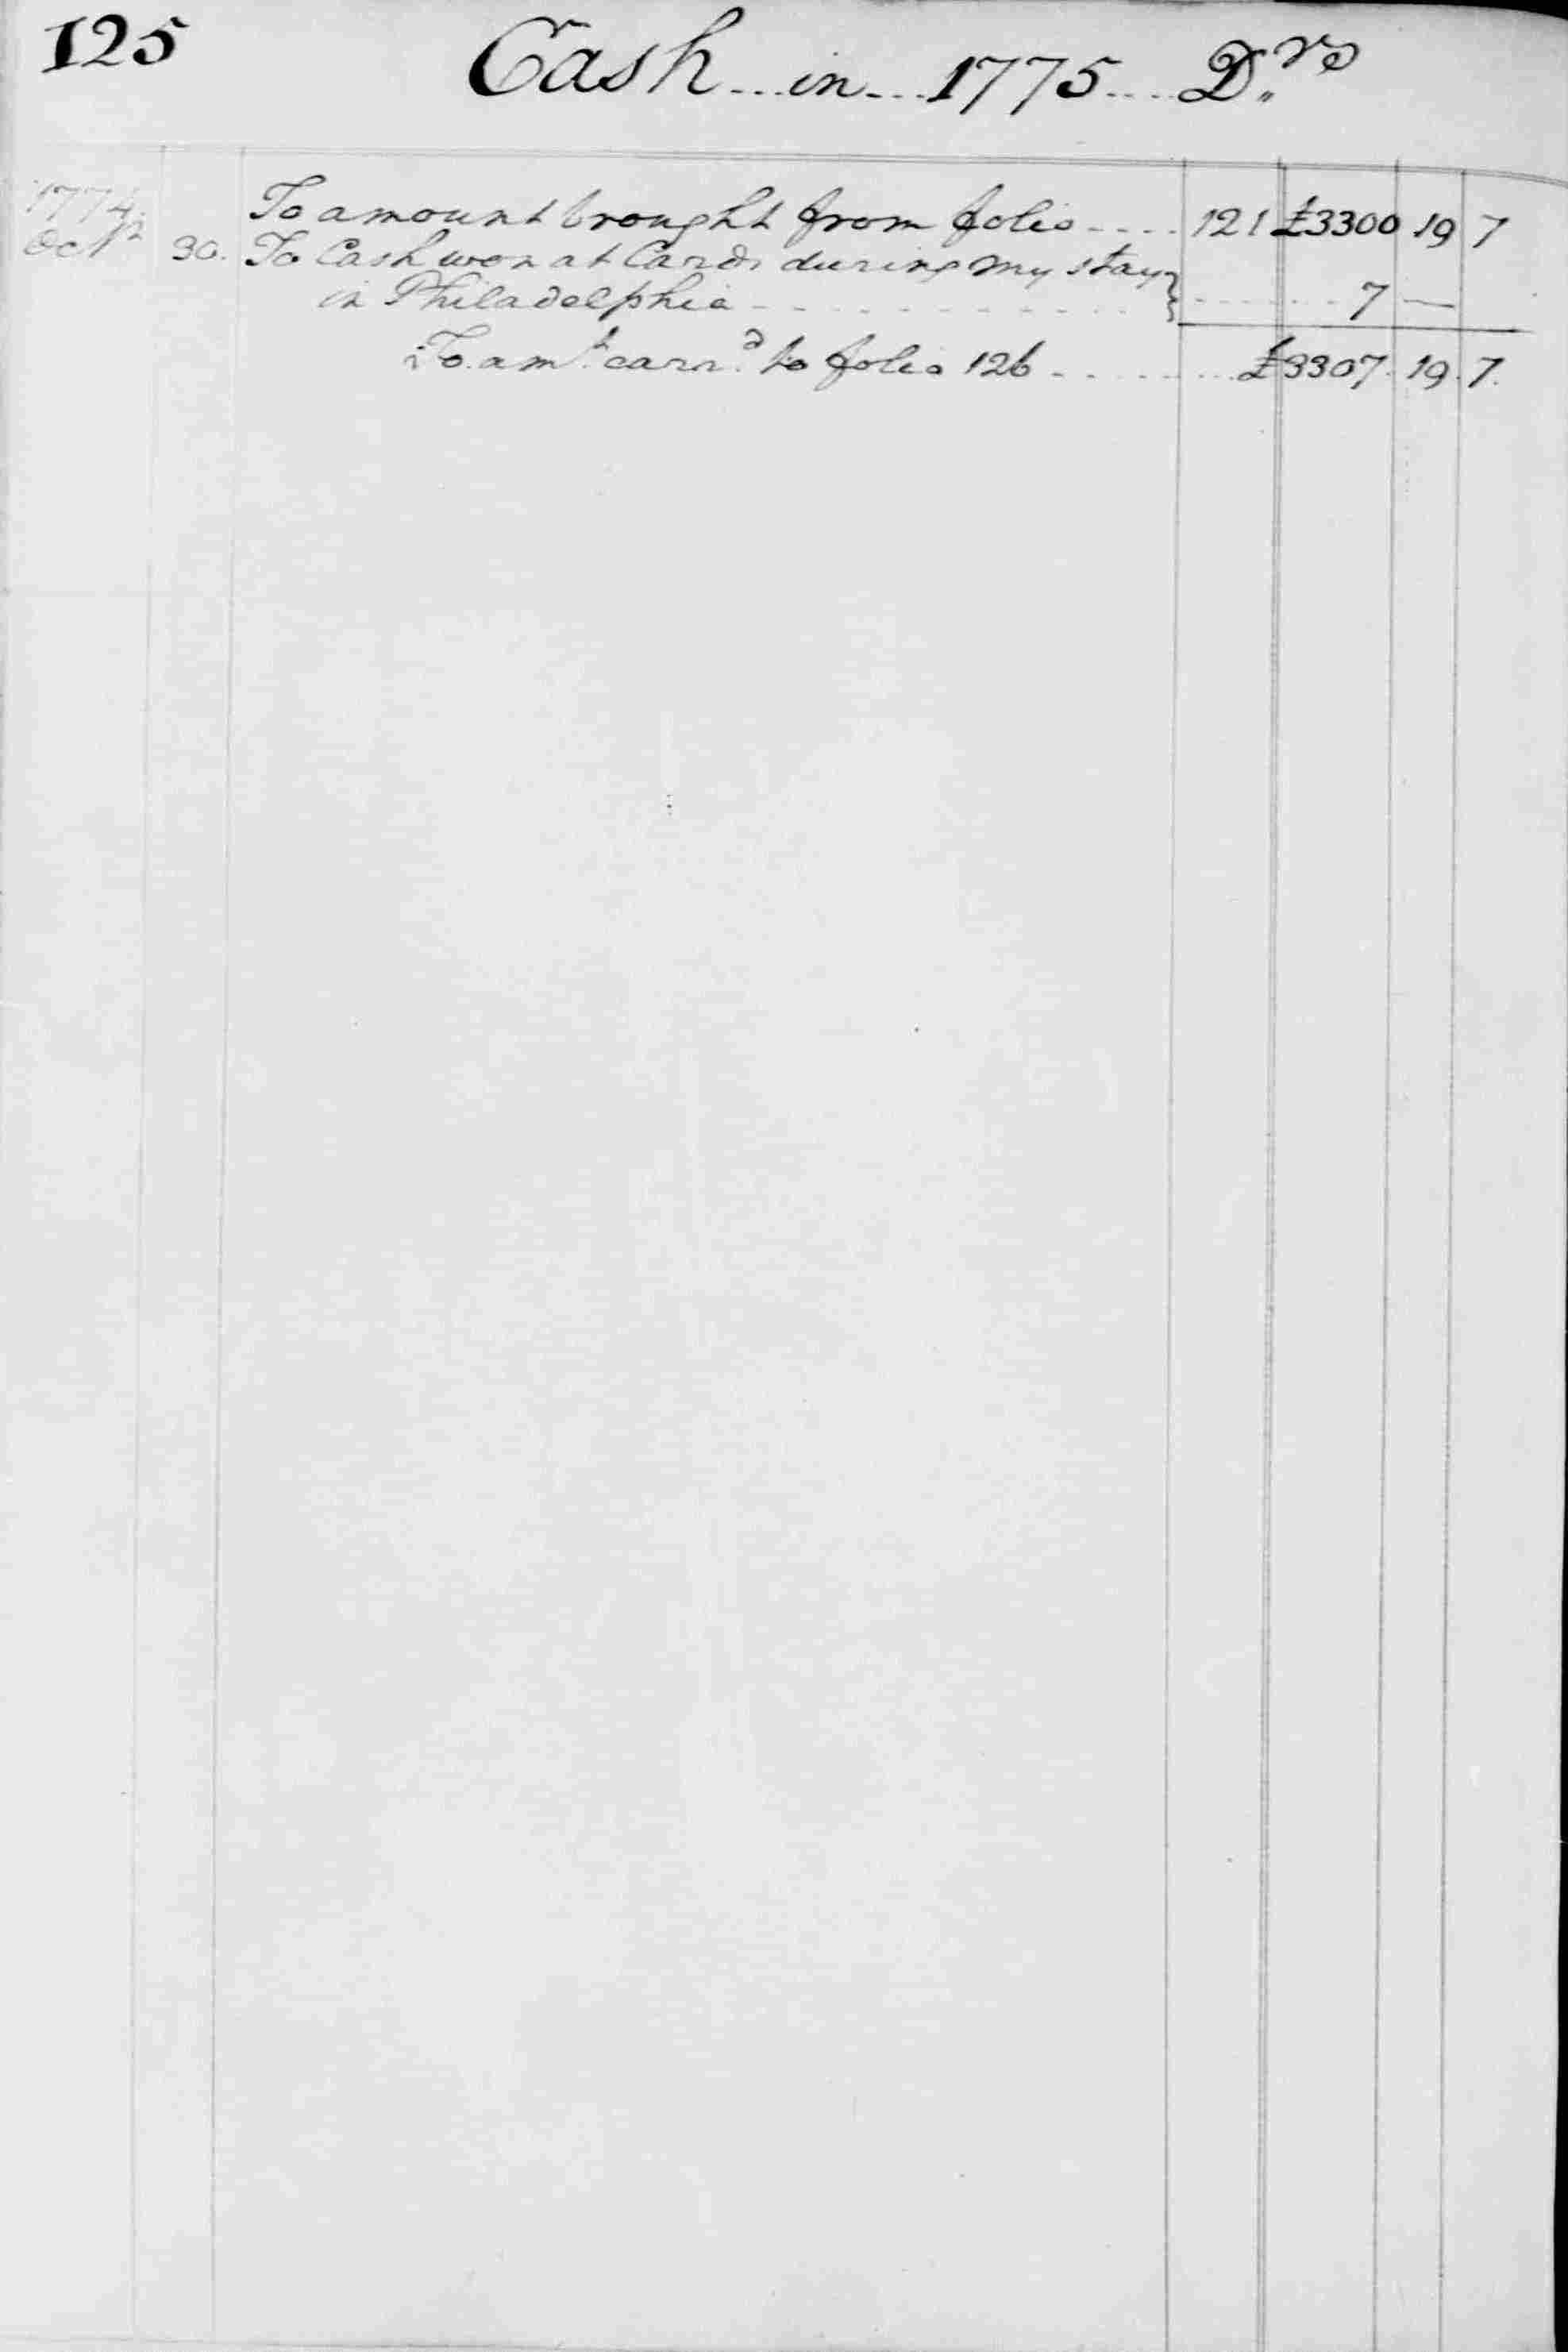 Ledger B, folio 125, left side